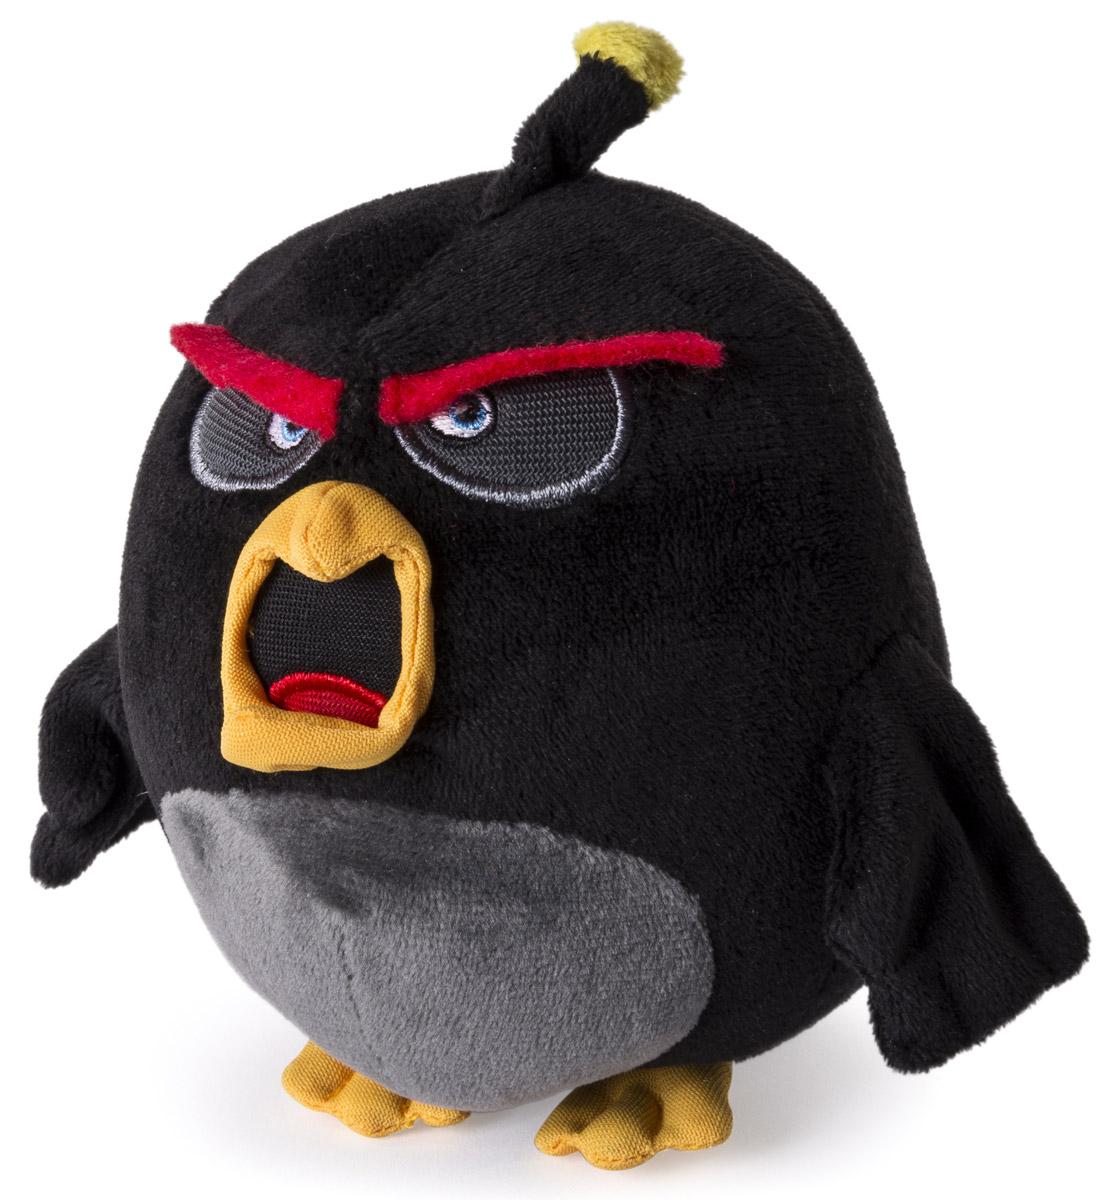 Angry Birds Мягкая игрушка Птица Bomb 13 см90513_чёрныйМягкая игрушка Angry Birds Птица Bomb подарит вашему ребенку много радости и веселья. Удивительно приятная на ощупь игрушка выполнена в виде всем известного персонажа из популярной игры Angry Birds - взрывной птицы по имени Bomb. Чудесная мягкая игрушка непременно поднимет настроение своему обладателю и станет замечательным подарком к любому празднику.